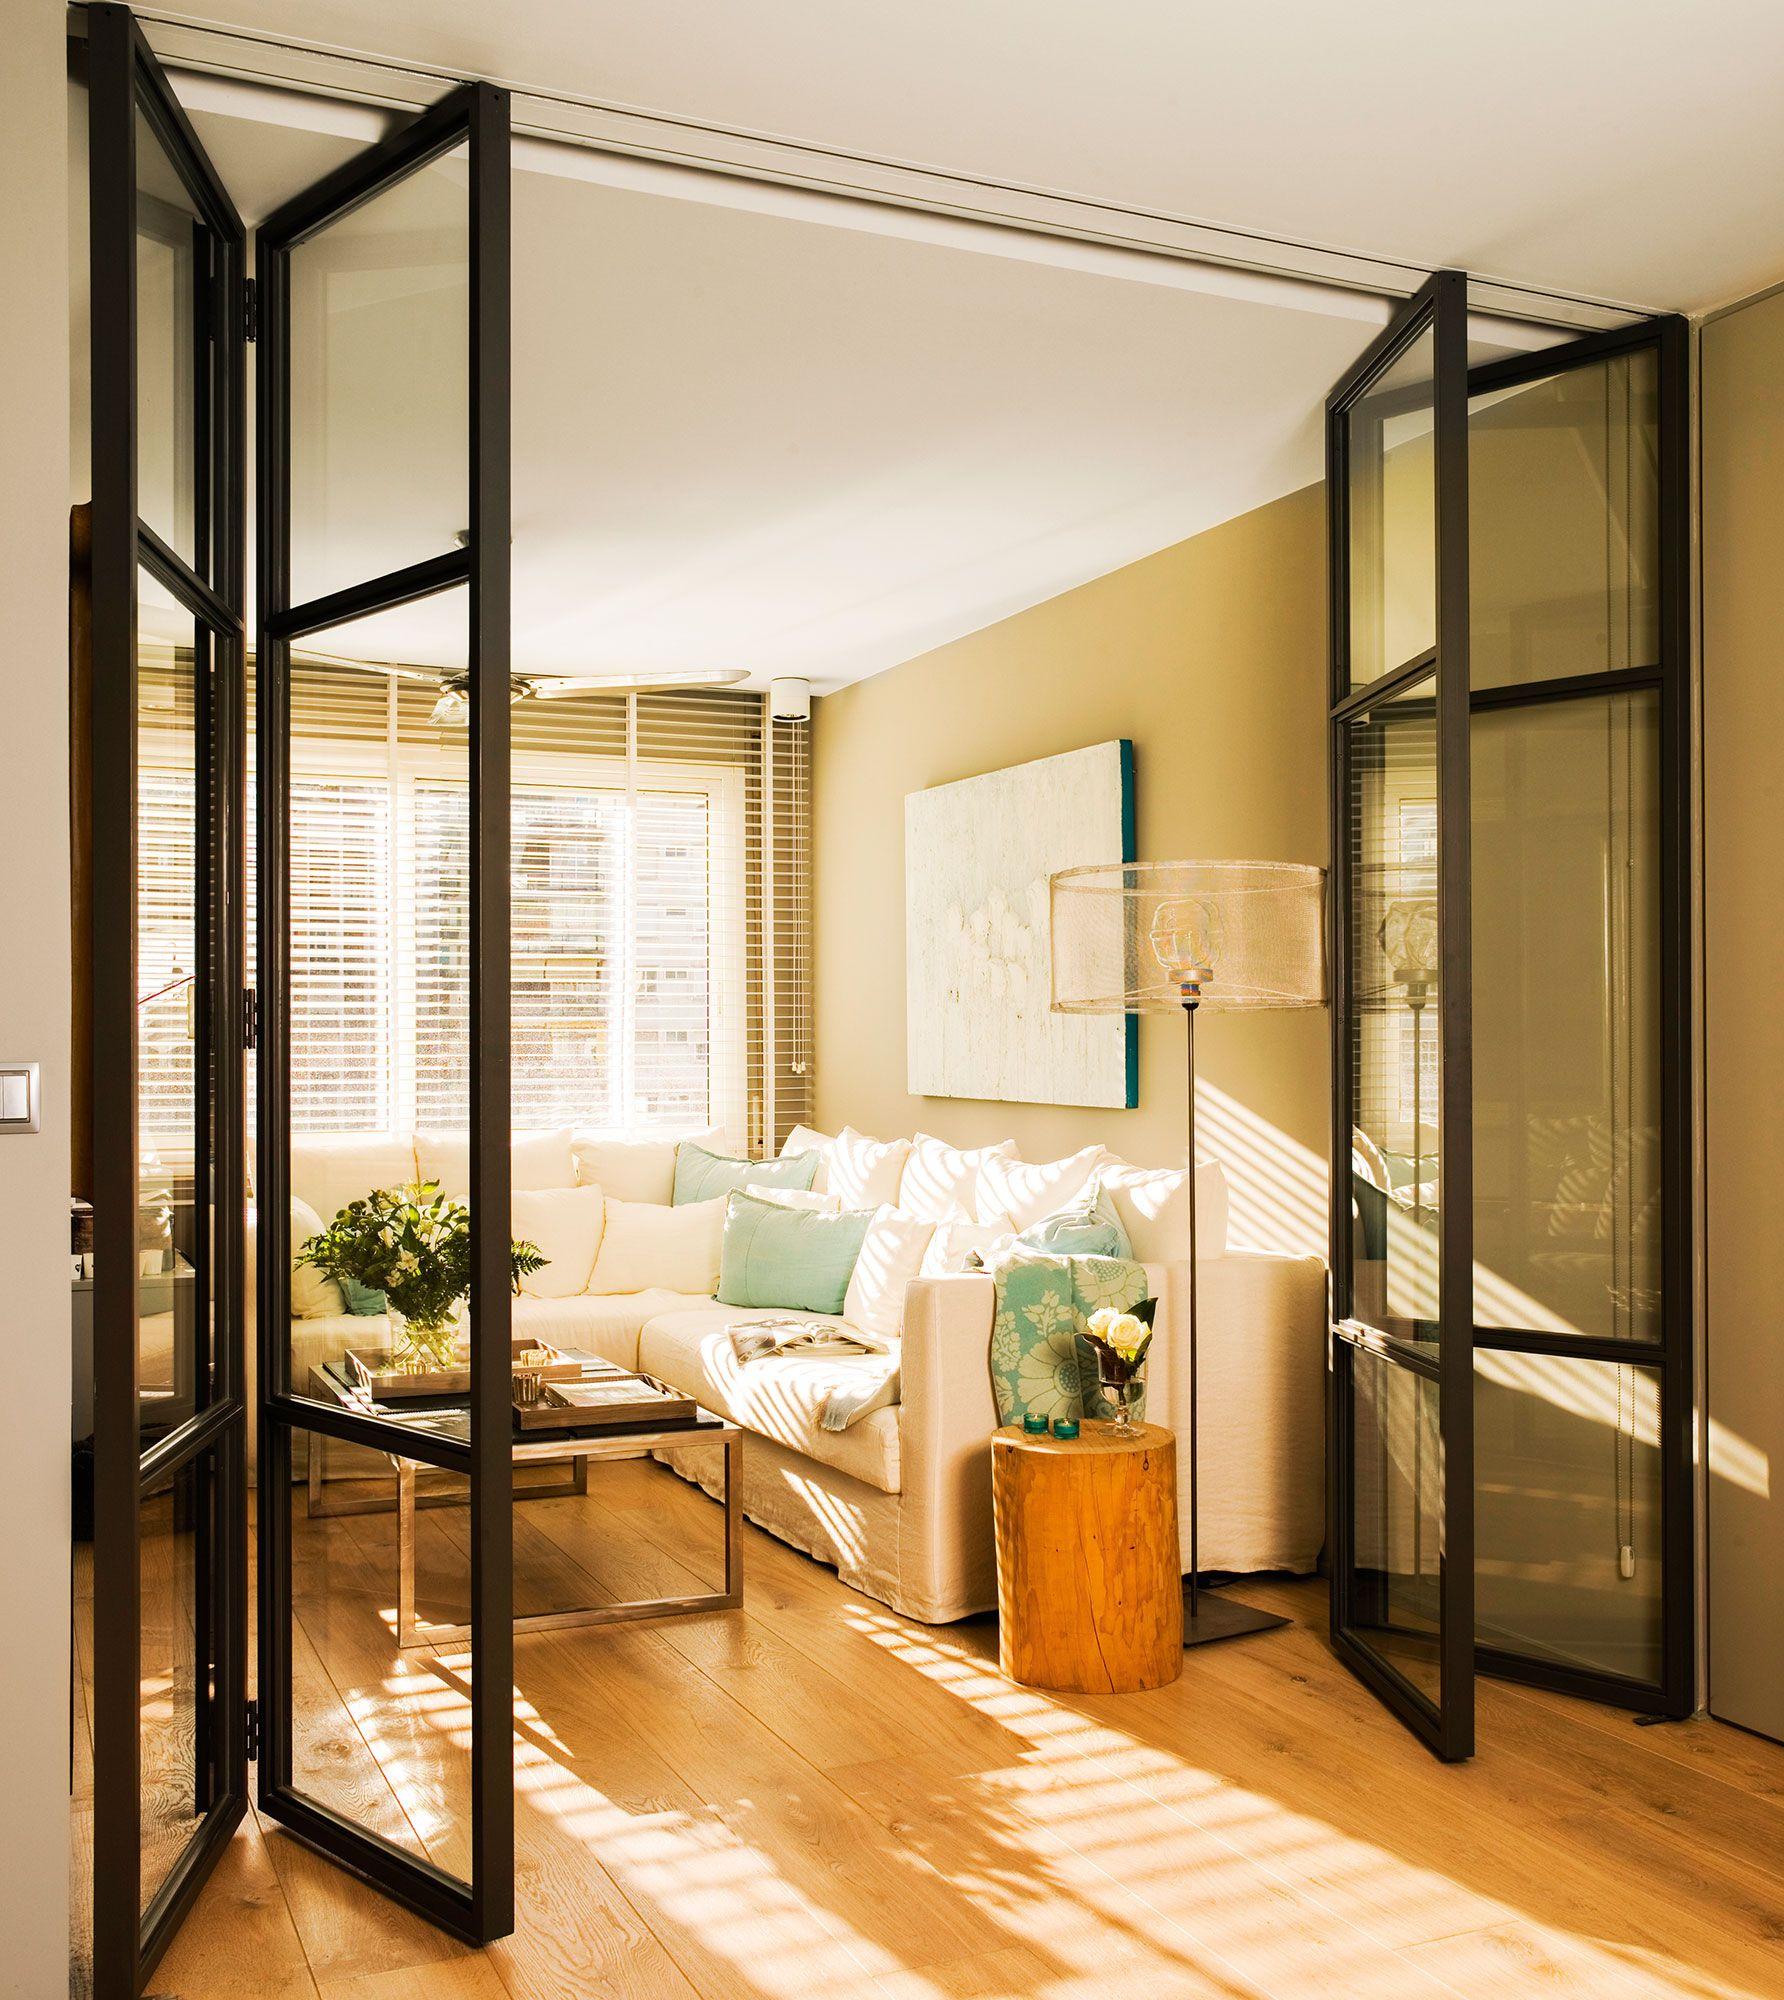 Sal n con puertas correderas plegables acristaladas 03 - Puertas correderas interior rusticas ...